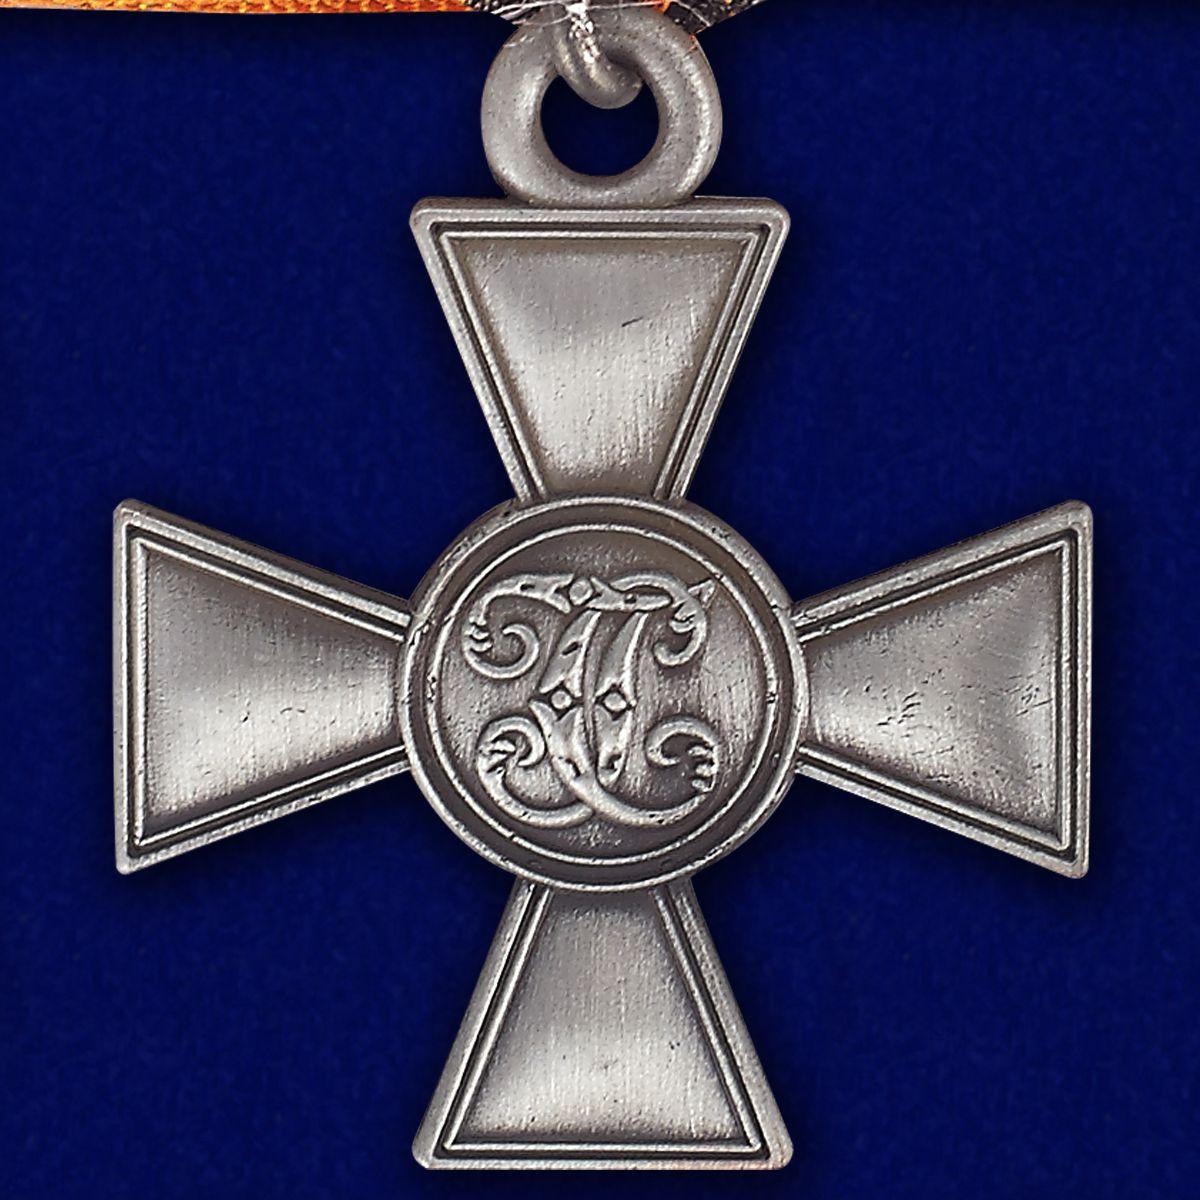 Георгиевский крест (с бантом) - оборотная сторона